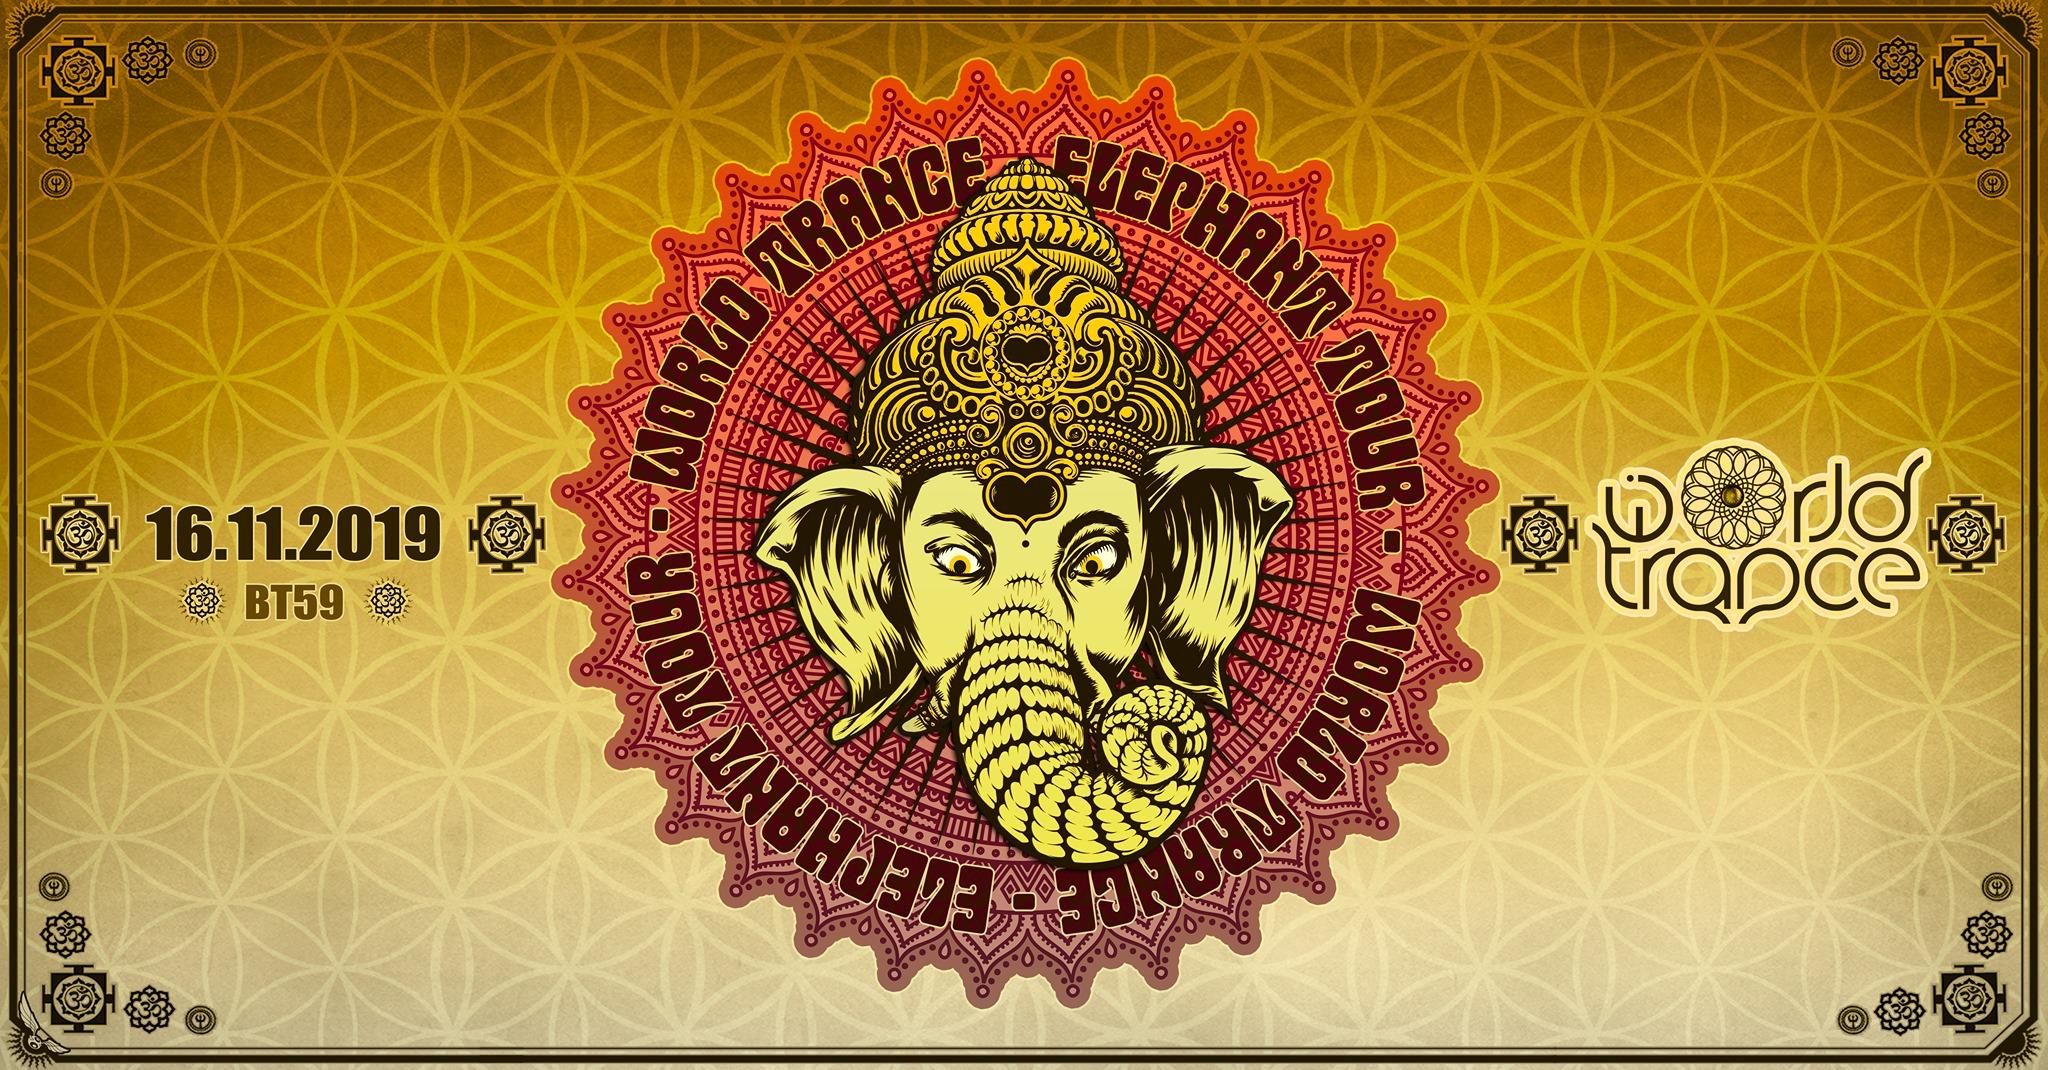 World Trance - Elephant Tour w/ Kalki, Unlogix BT59